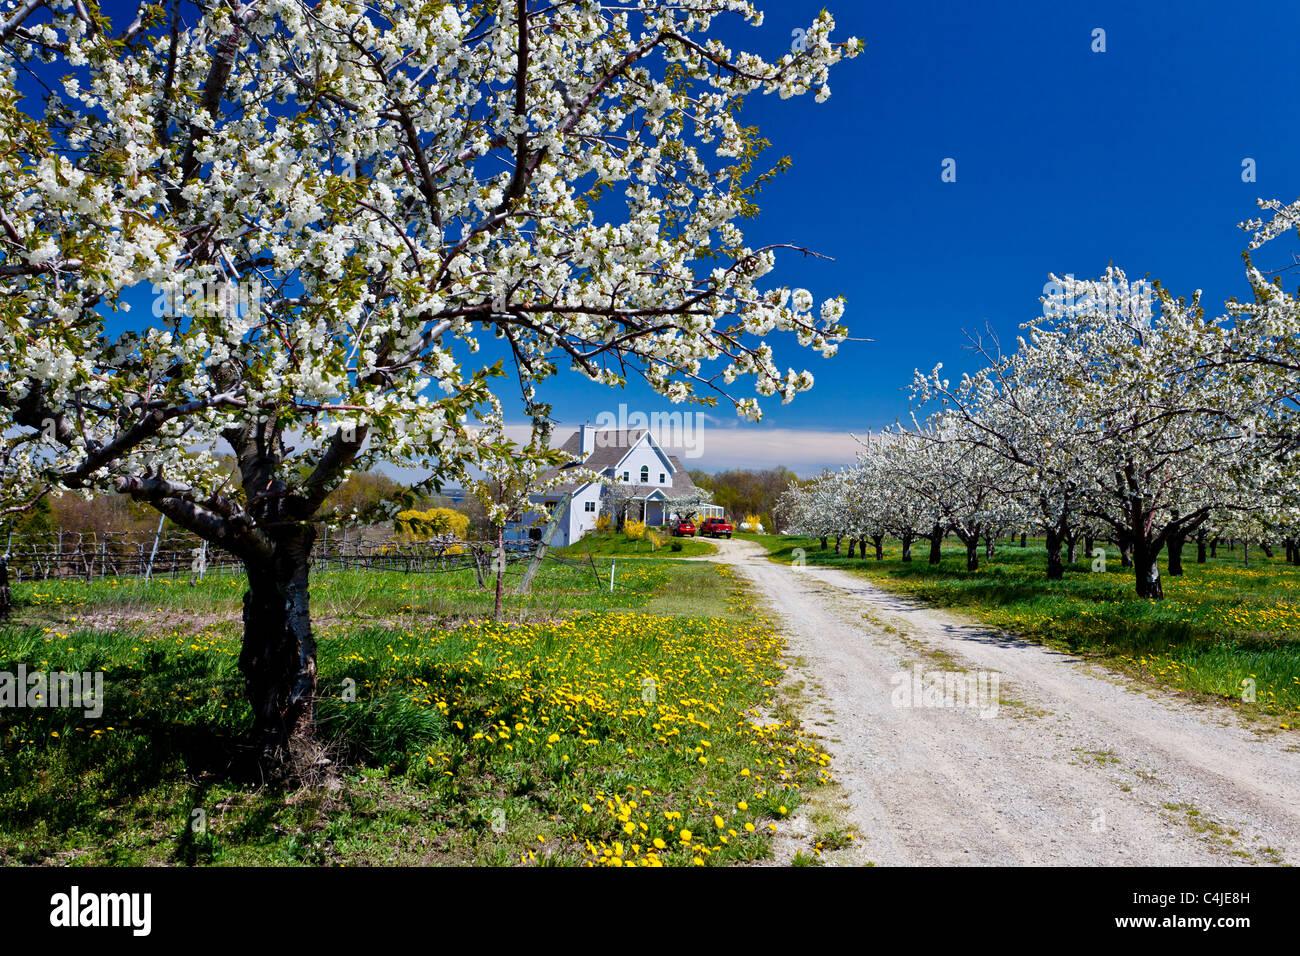 Ein Obstgarten Bauernhaus auf der alten Mission Halbinsel, Michigan, USA. Stockbild